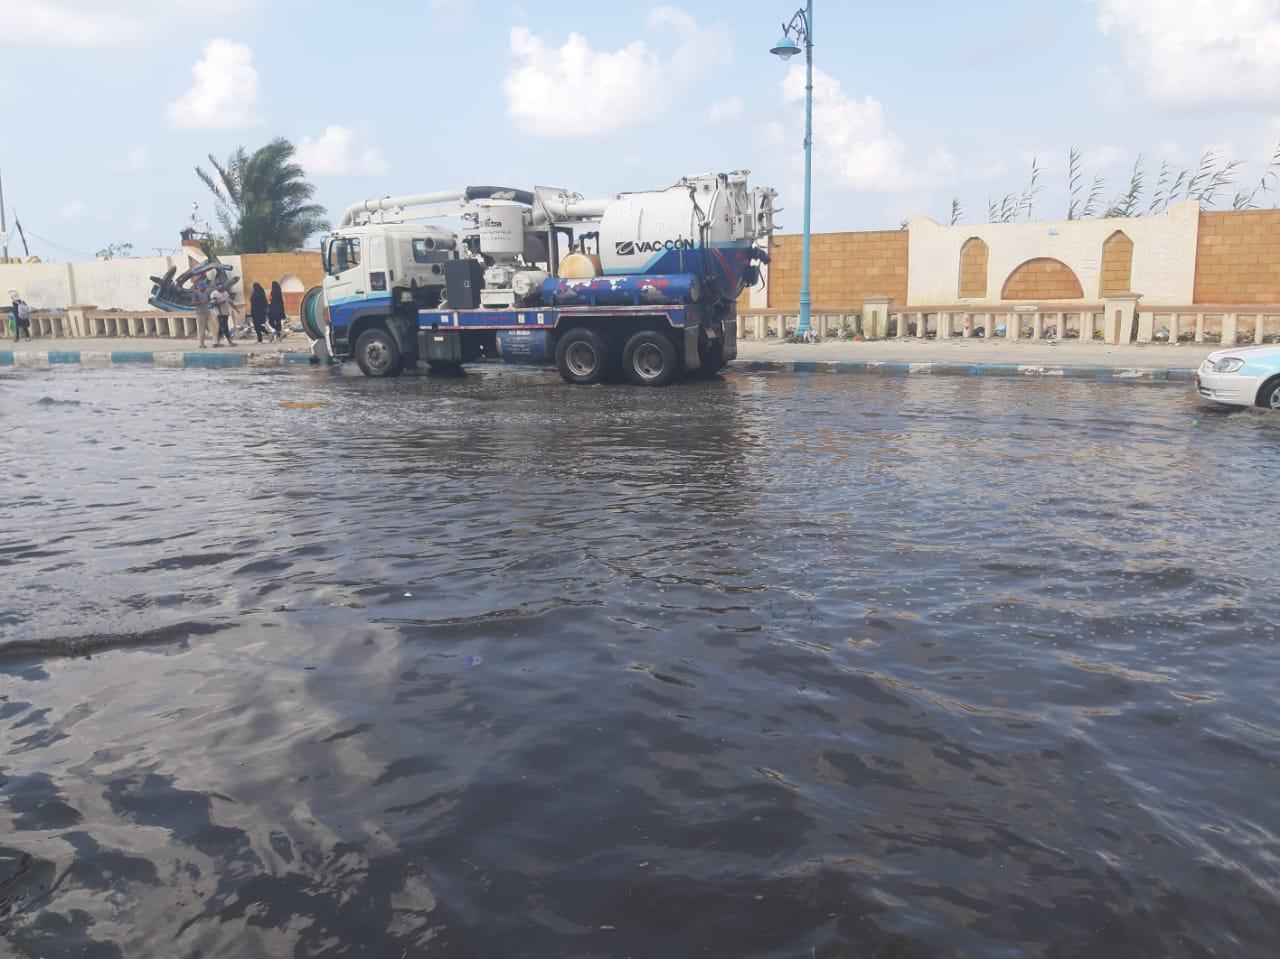 إزالة تجمعات مياه الأمطار من بعض شوارع مدينة مرسي مطروح  (1)